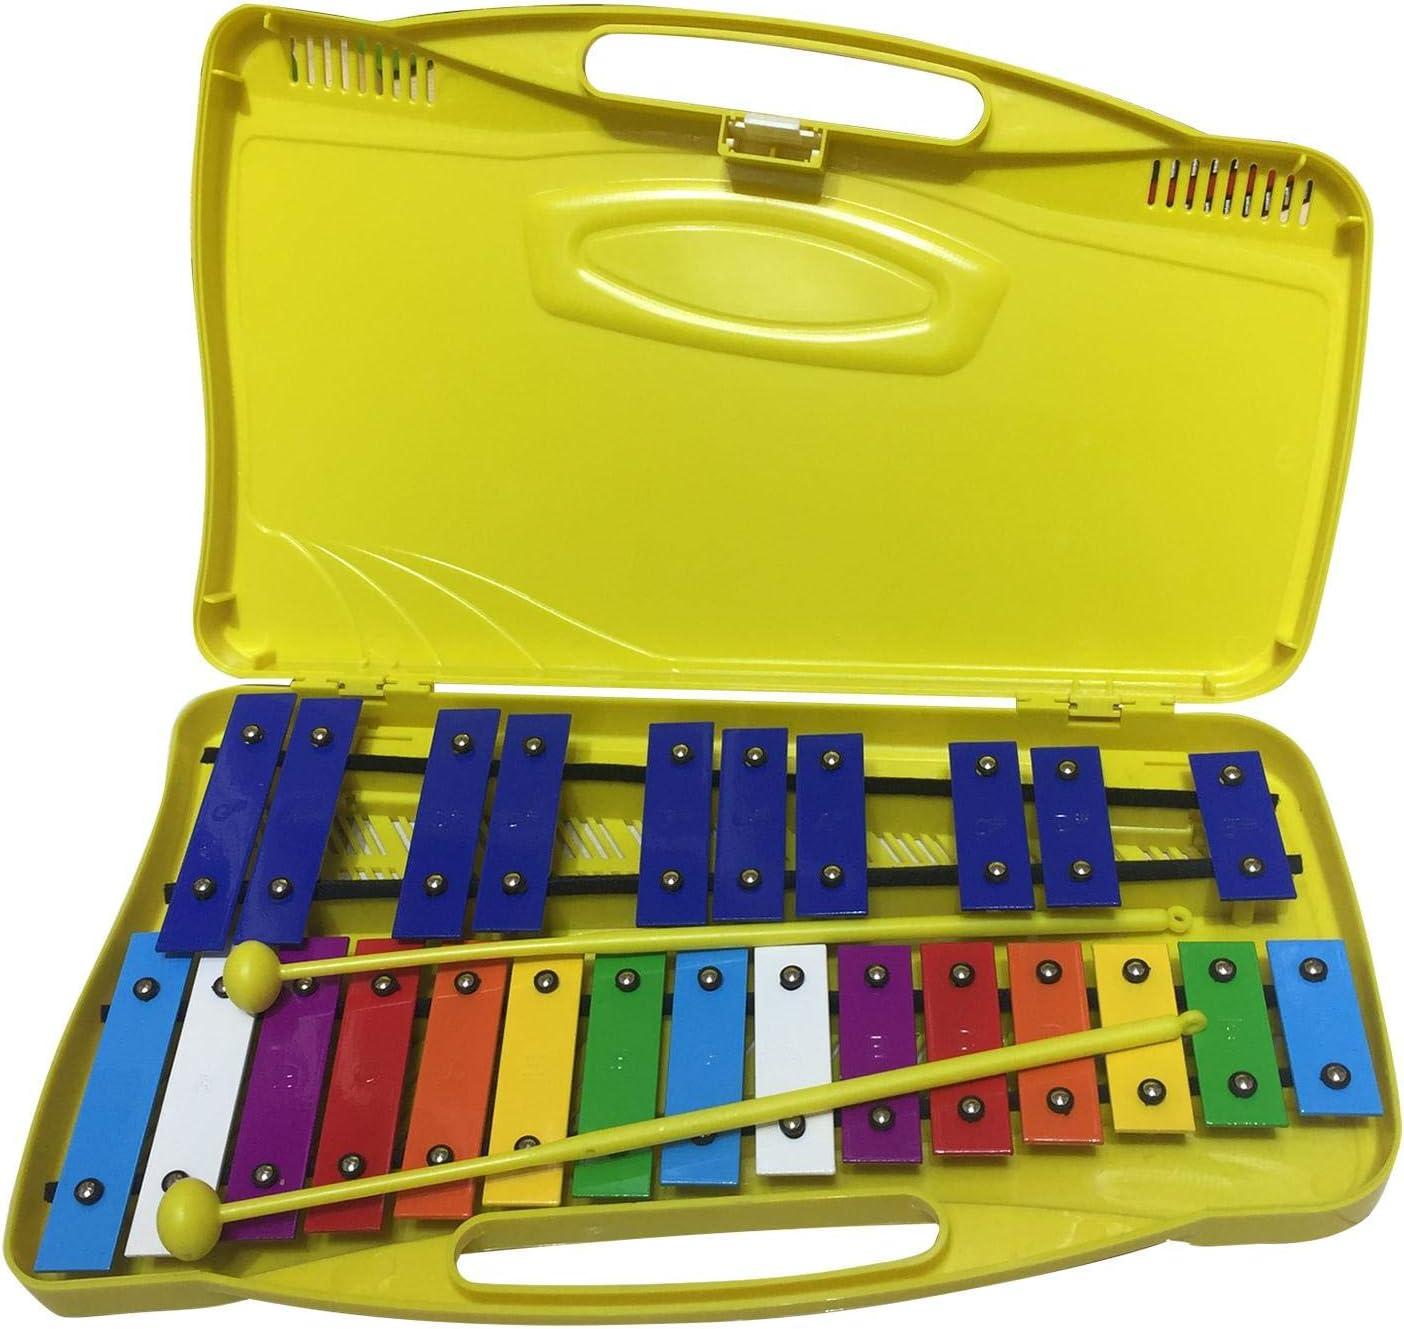 Colorido Instrumento de percusi/ón 2 mazos Seguros para ni/ños Xil/ófono de 25 Notas con Estuche Instrumento Educativo Perfectamente afinado para ni/ños Juguete Musical con afinaci/ón Clara